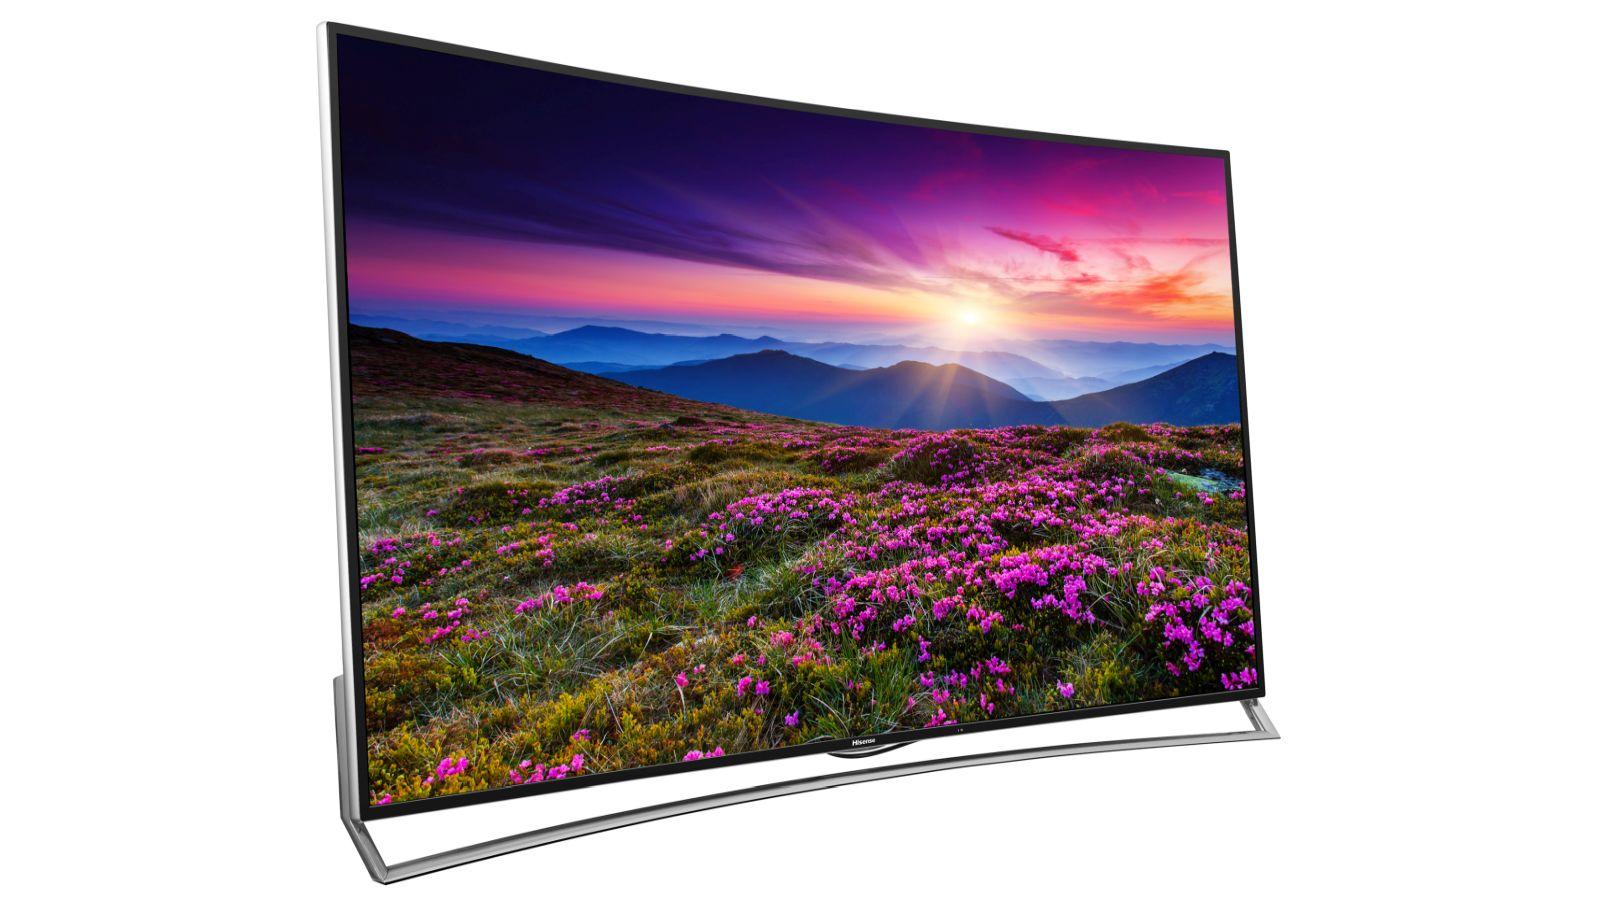 hisense-4k-uled-t910-television